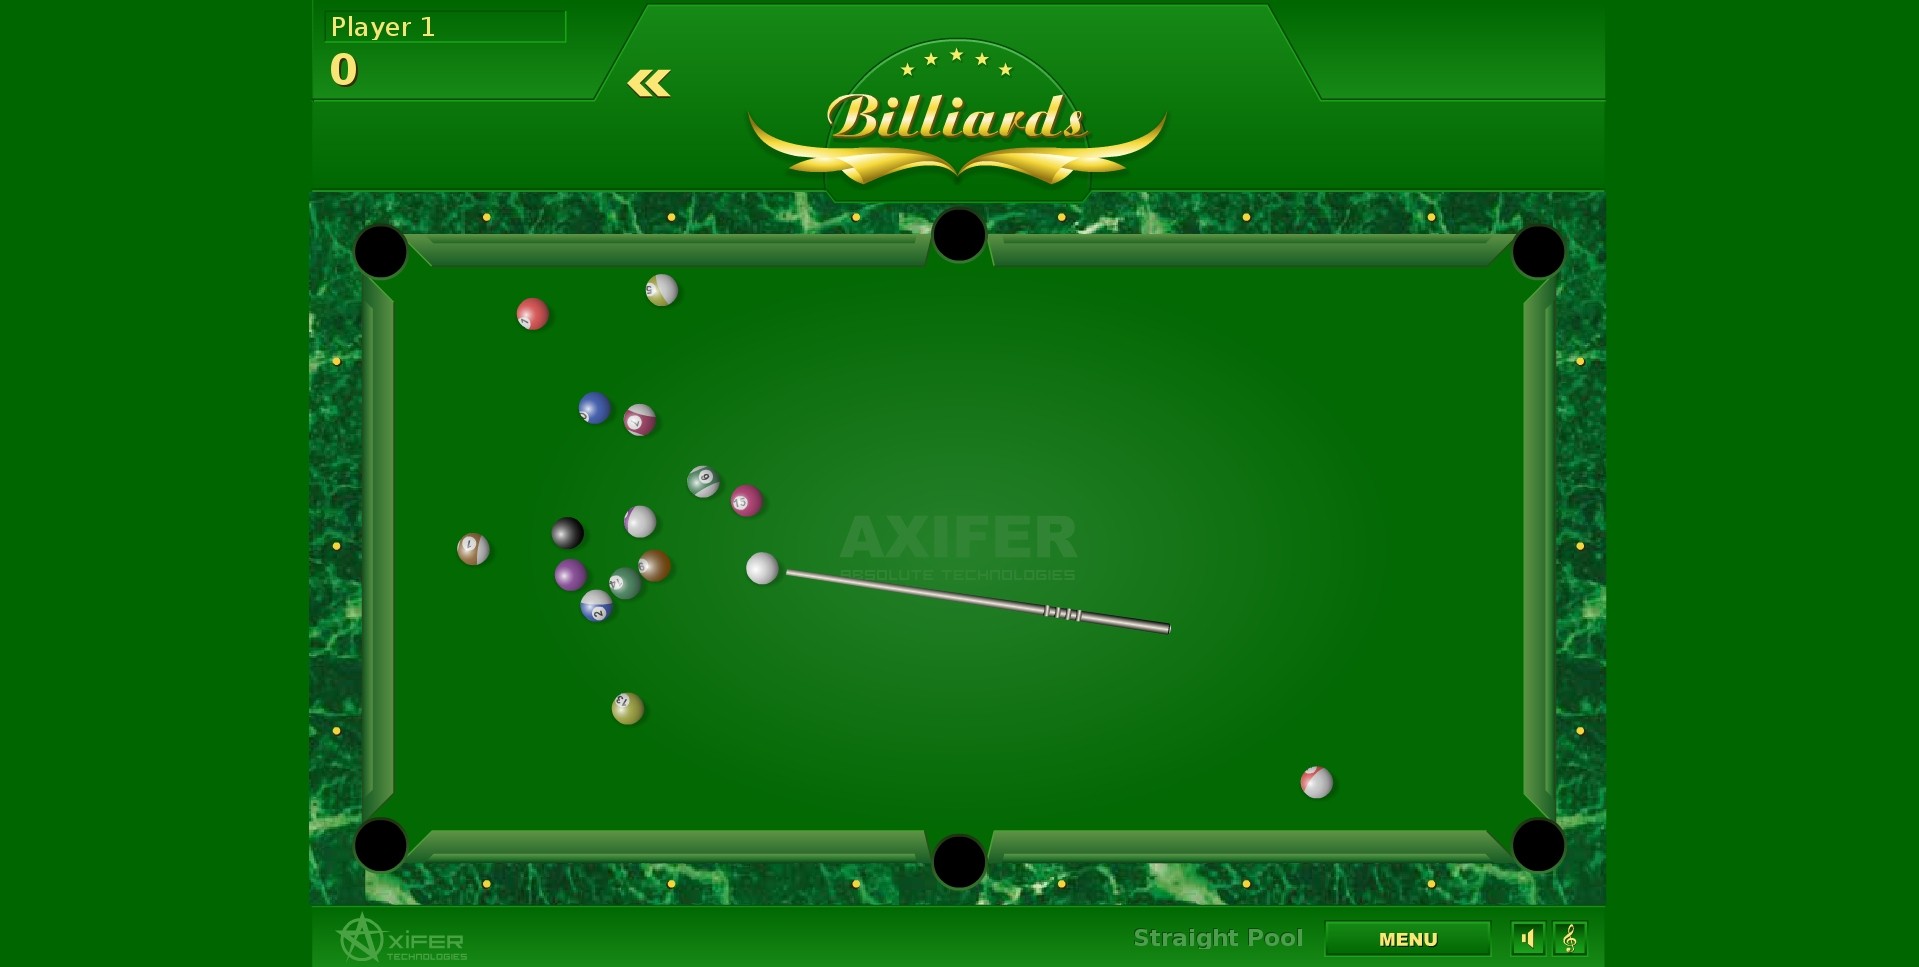 Jeu Billard Billiards Gratuit En Ligne encequiconcerne Jeux Billard En Ligne Gratuit